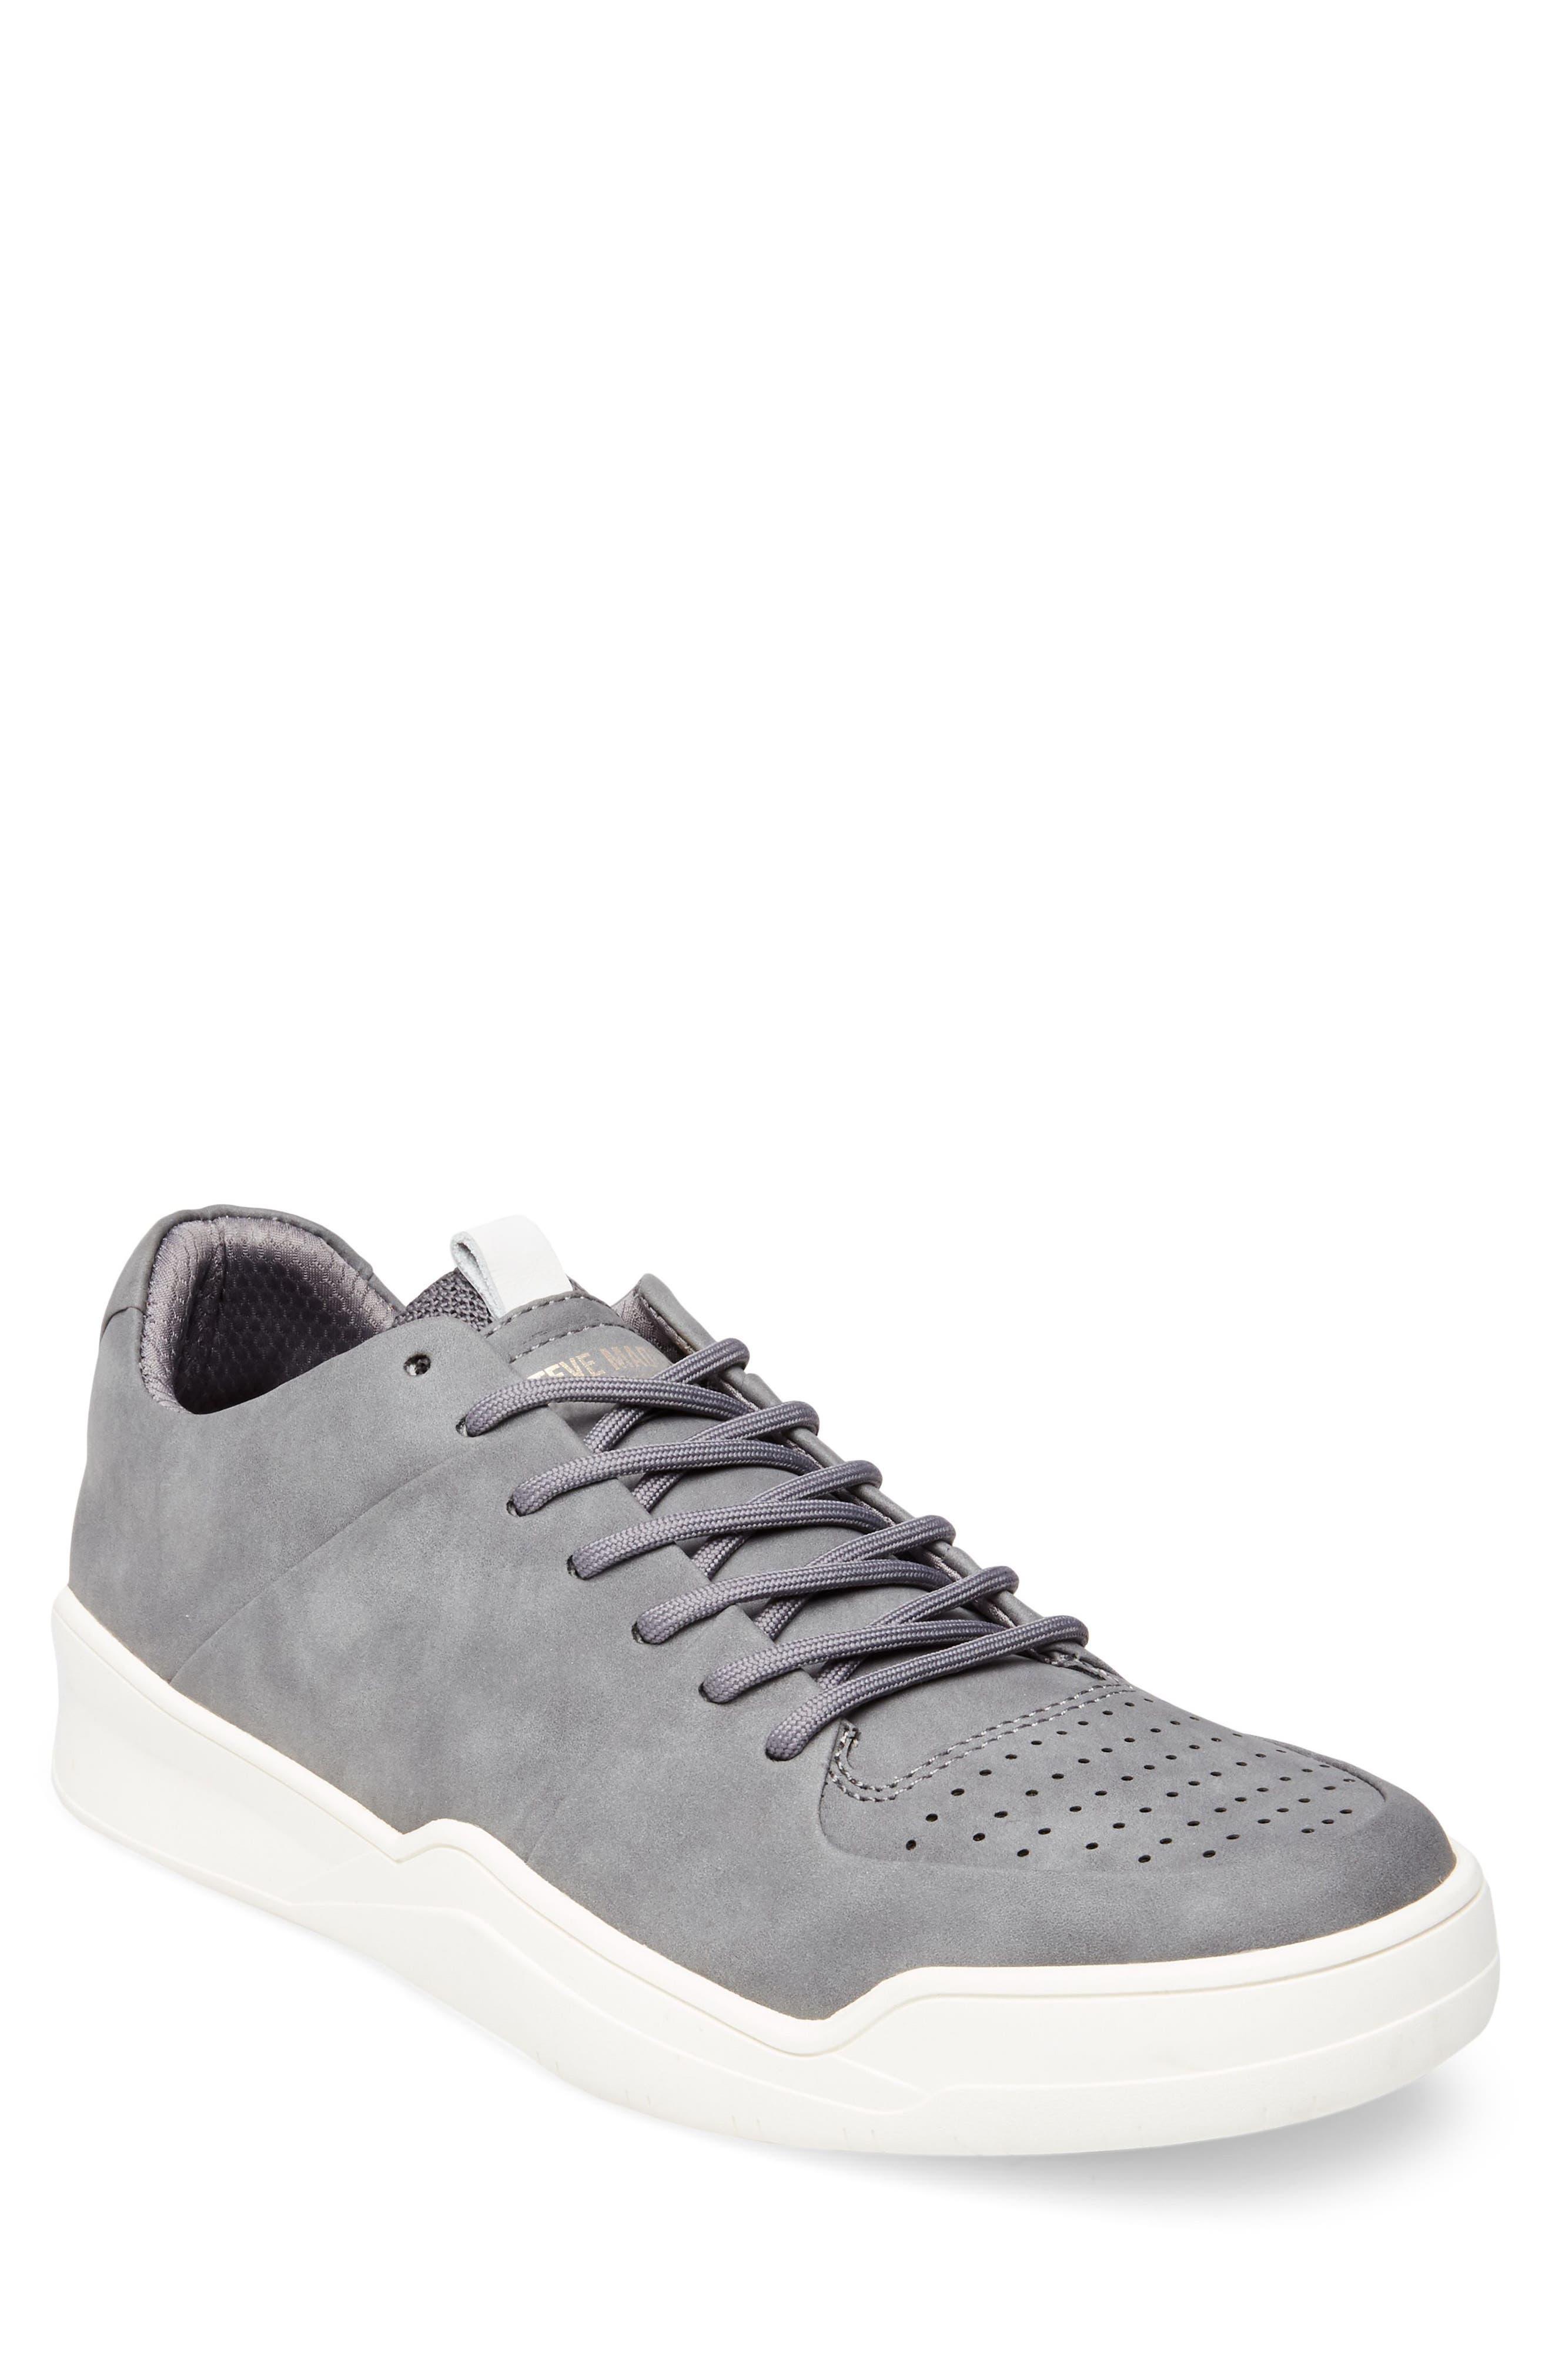 Vantage Sneaker,                         Main,                         color, Grey